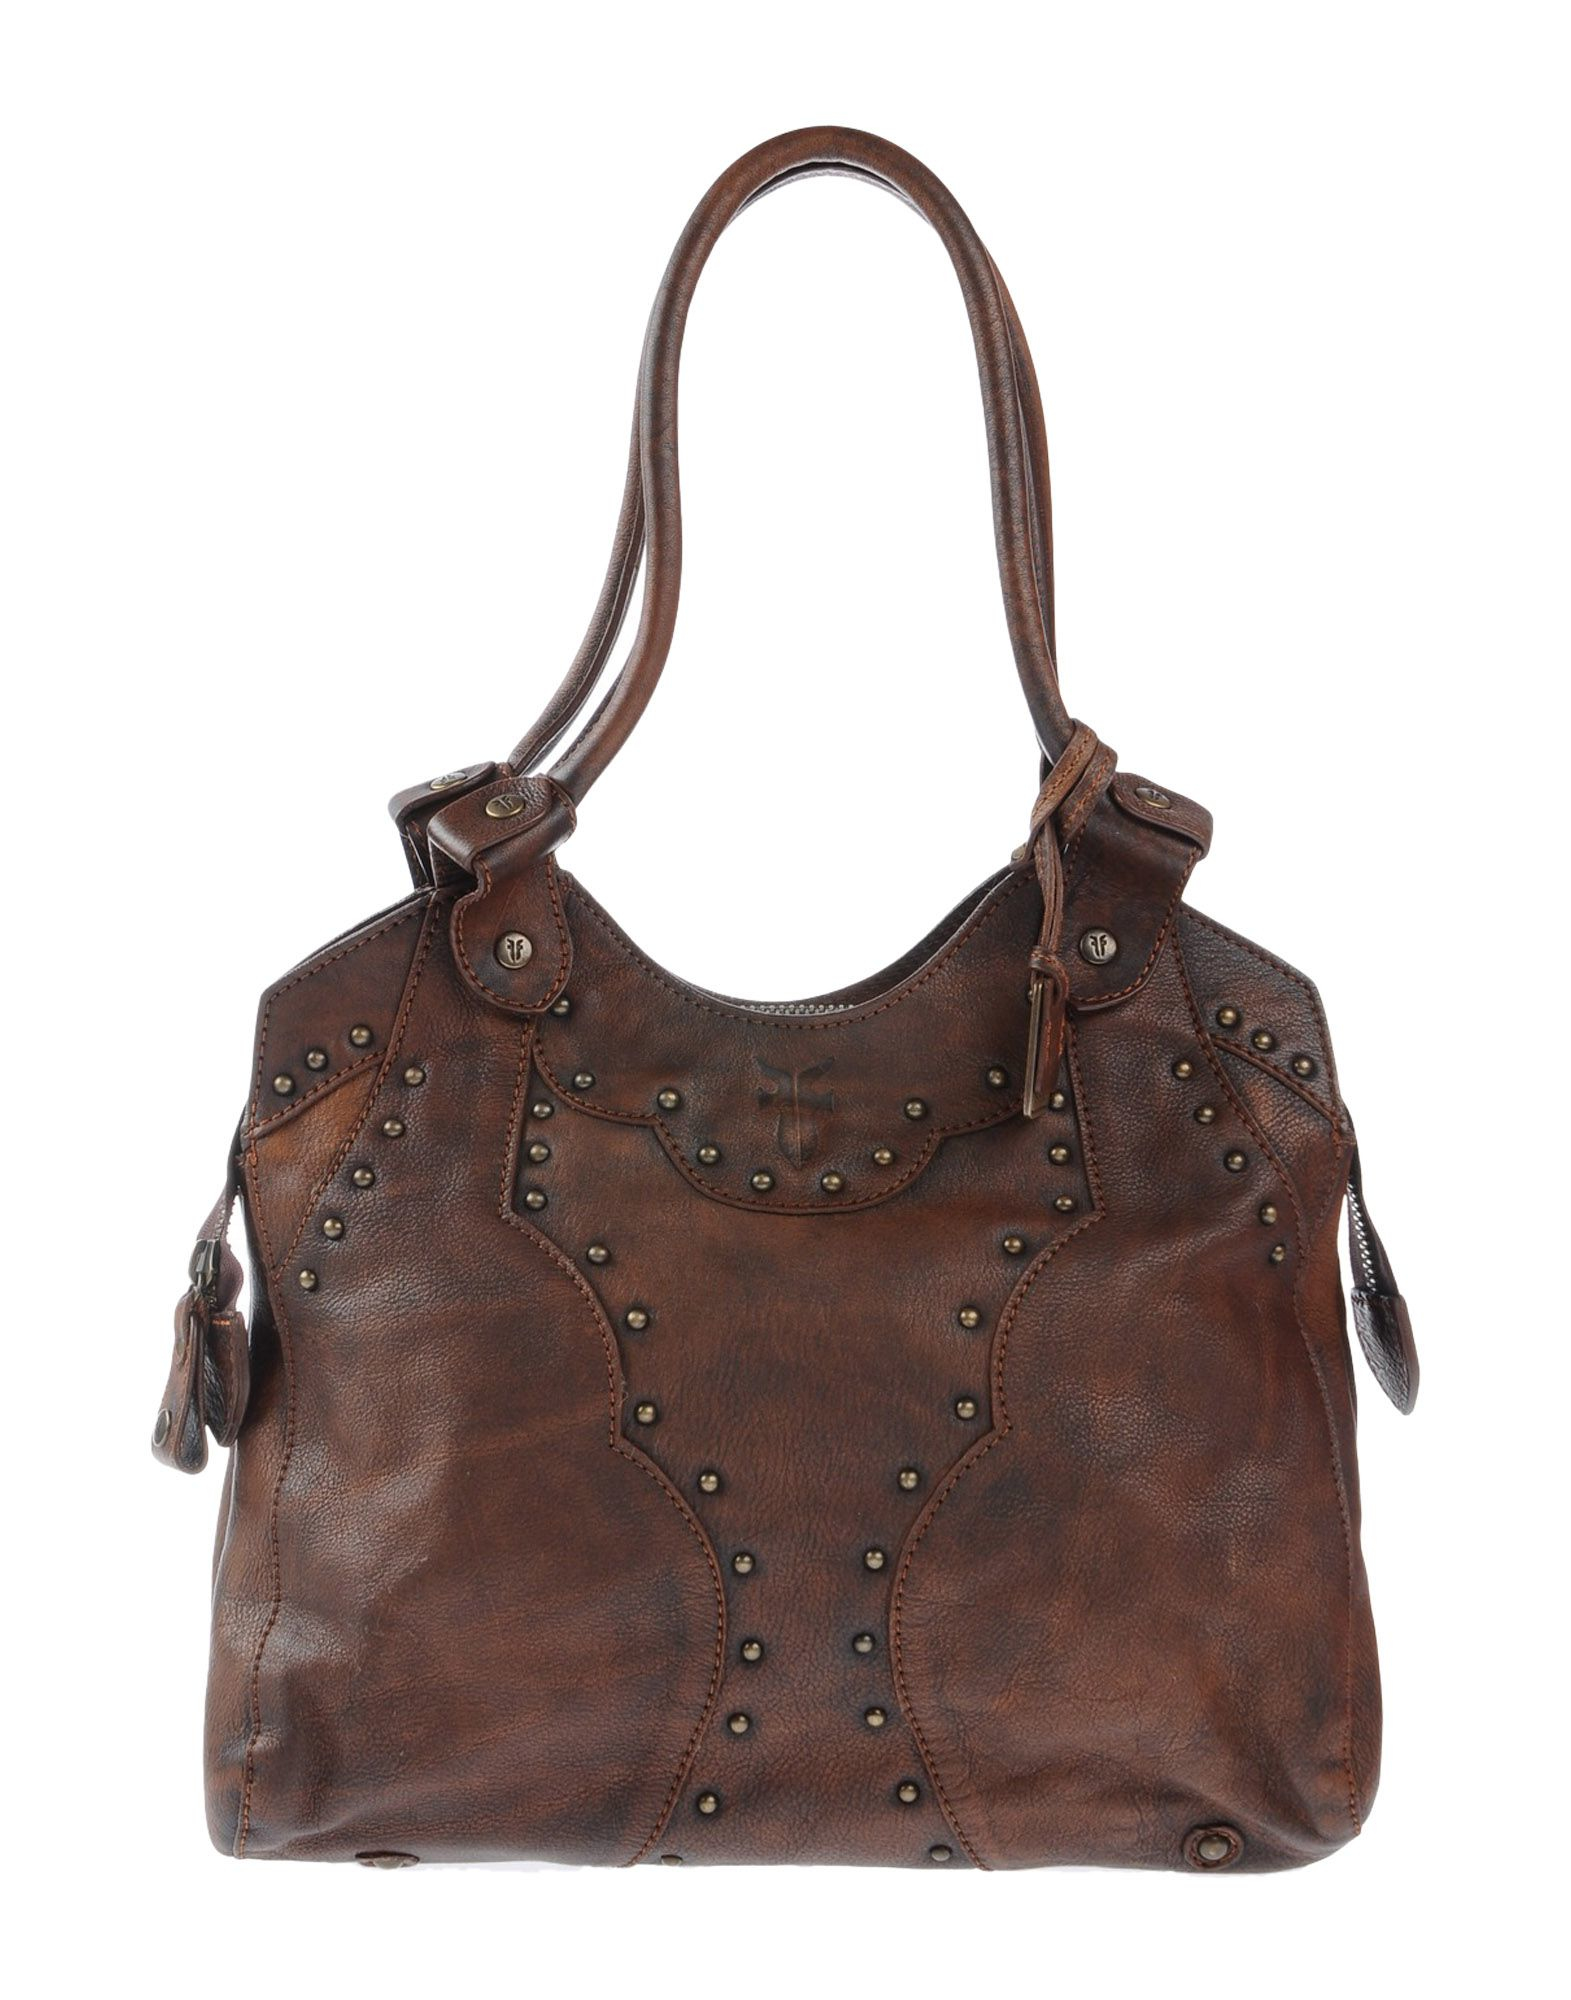 Lyst - Frye Studded Leather Shoulder Bag in Brown